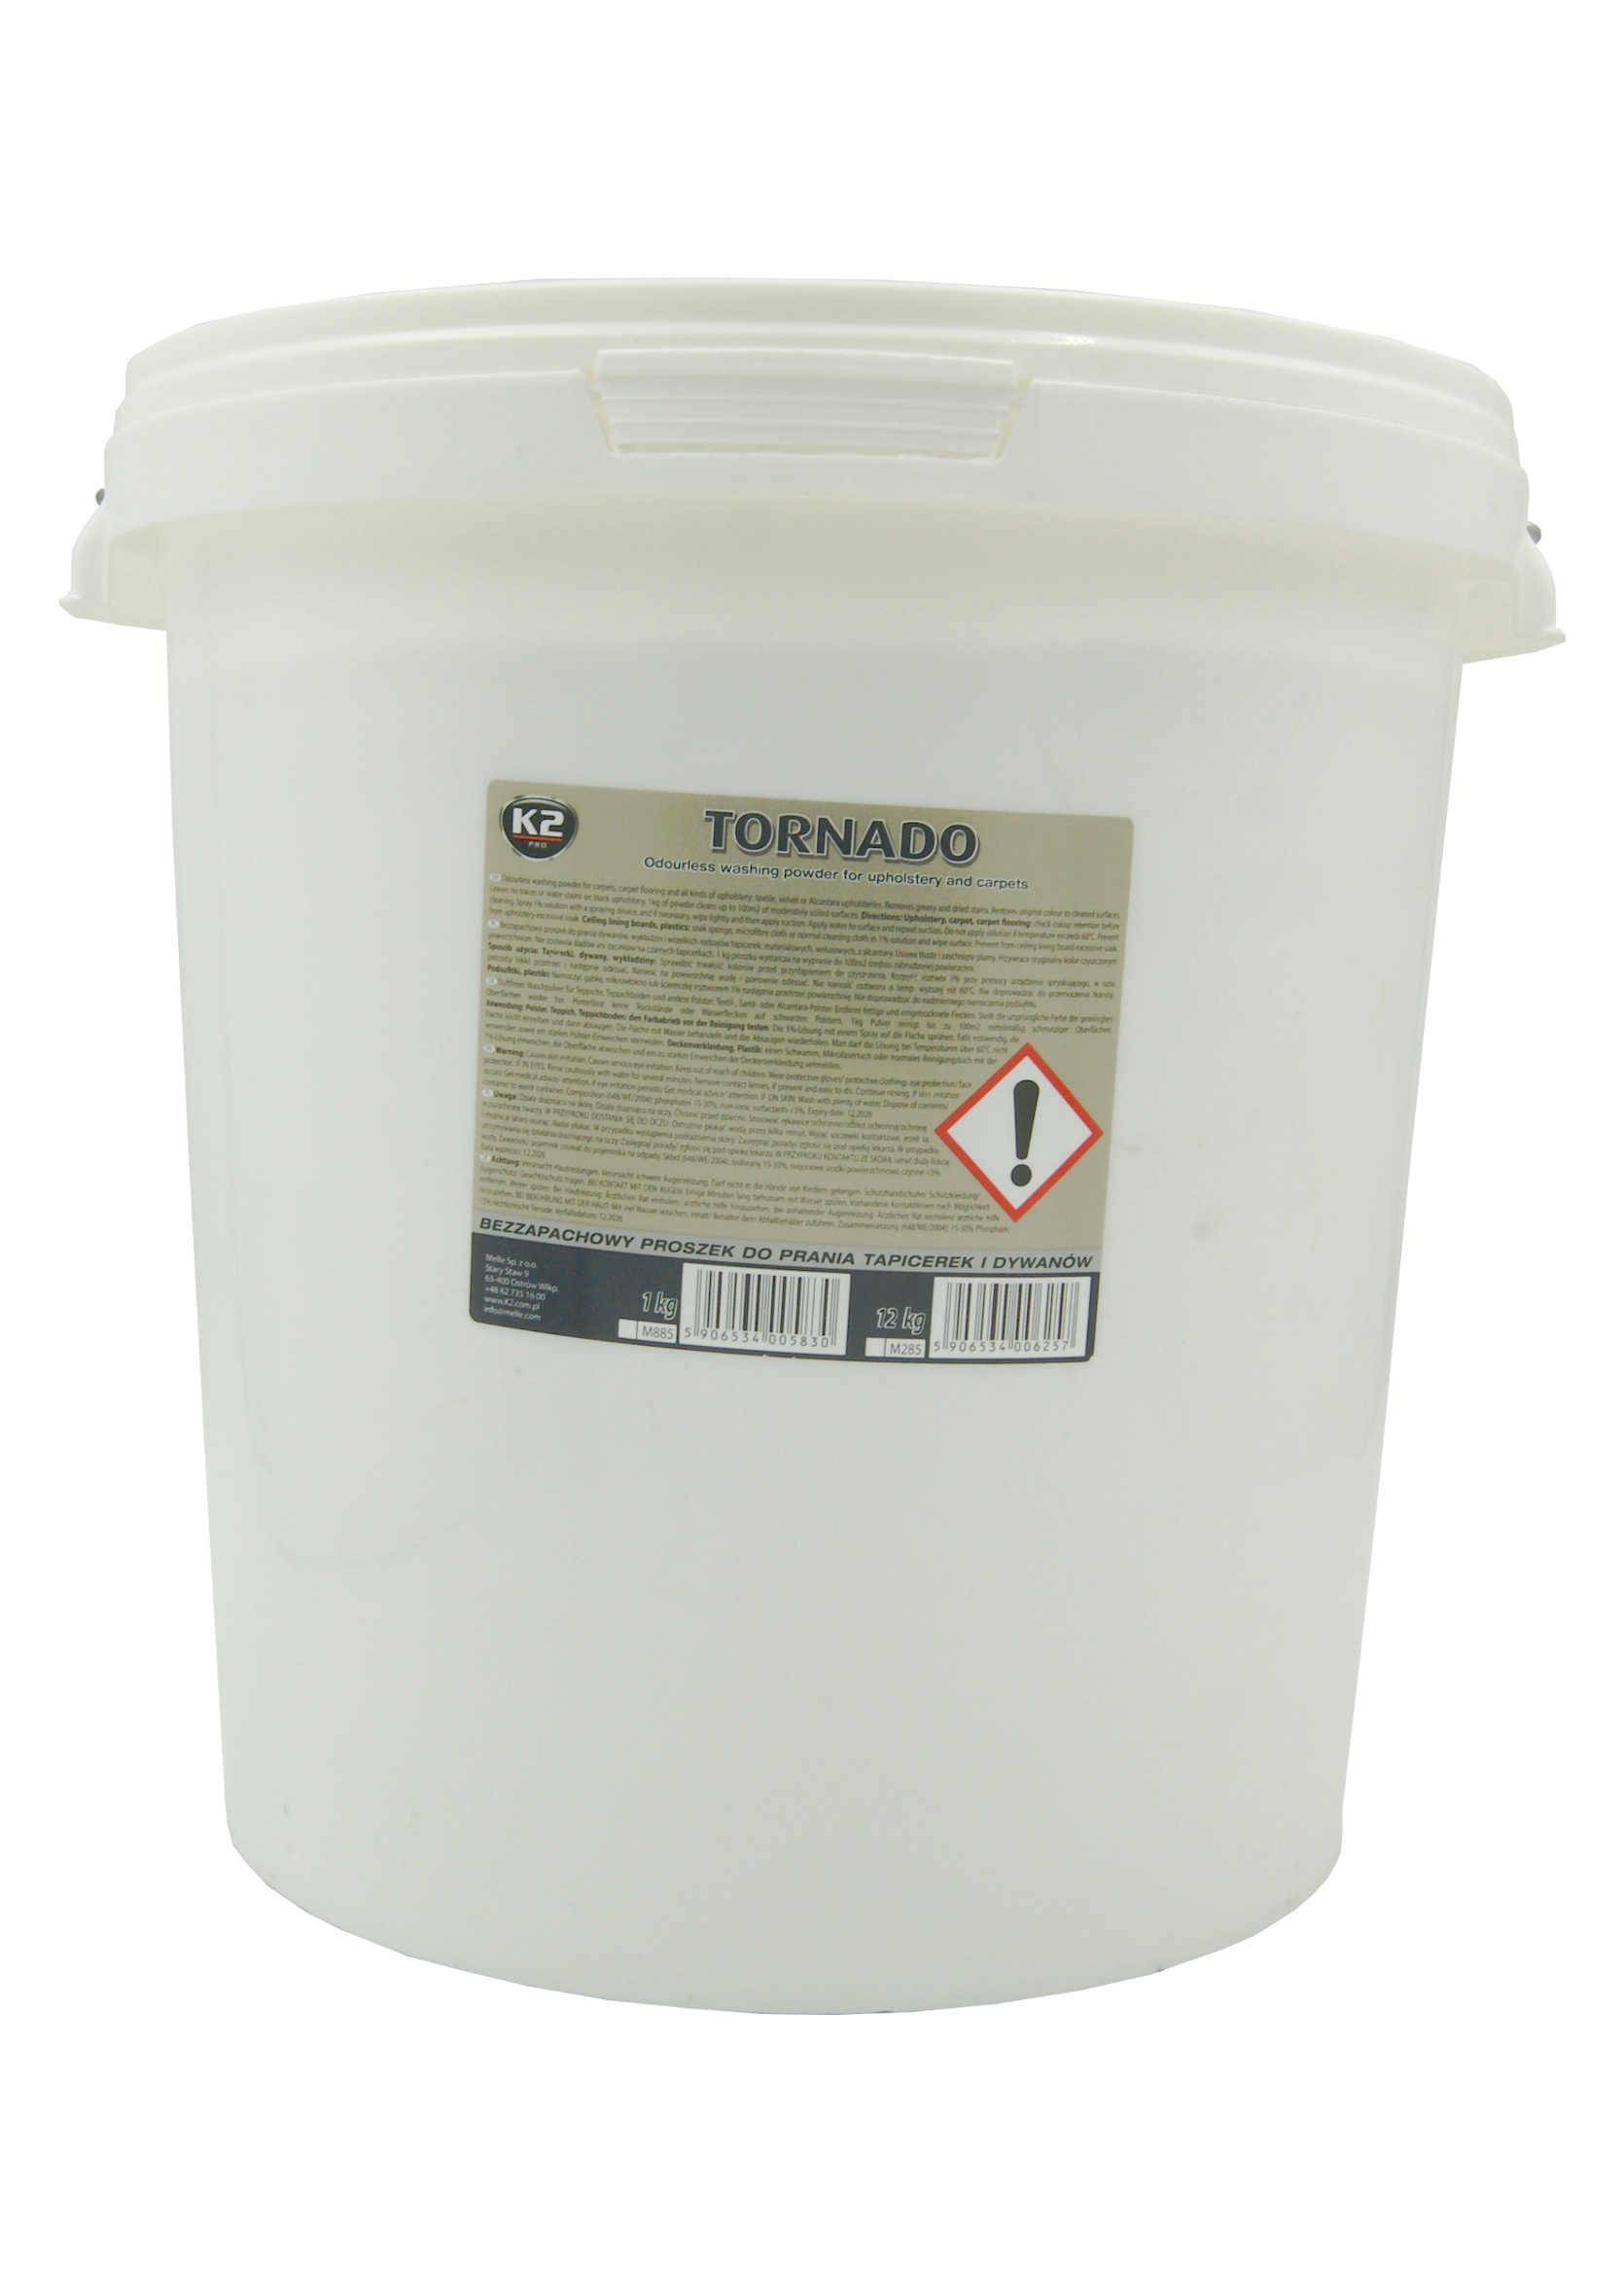 K2 Tornado 12 kg Proszek do prania tapicerki i dywanów